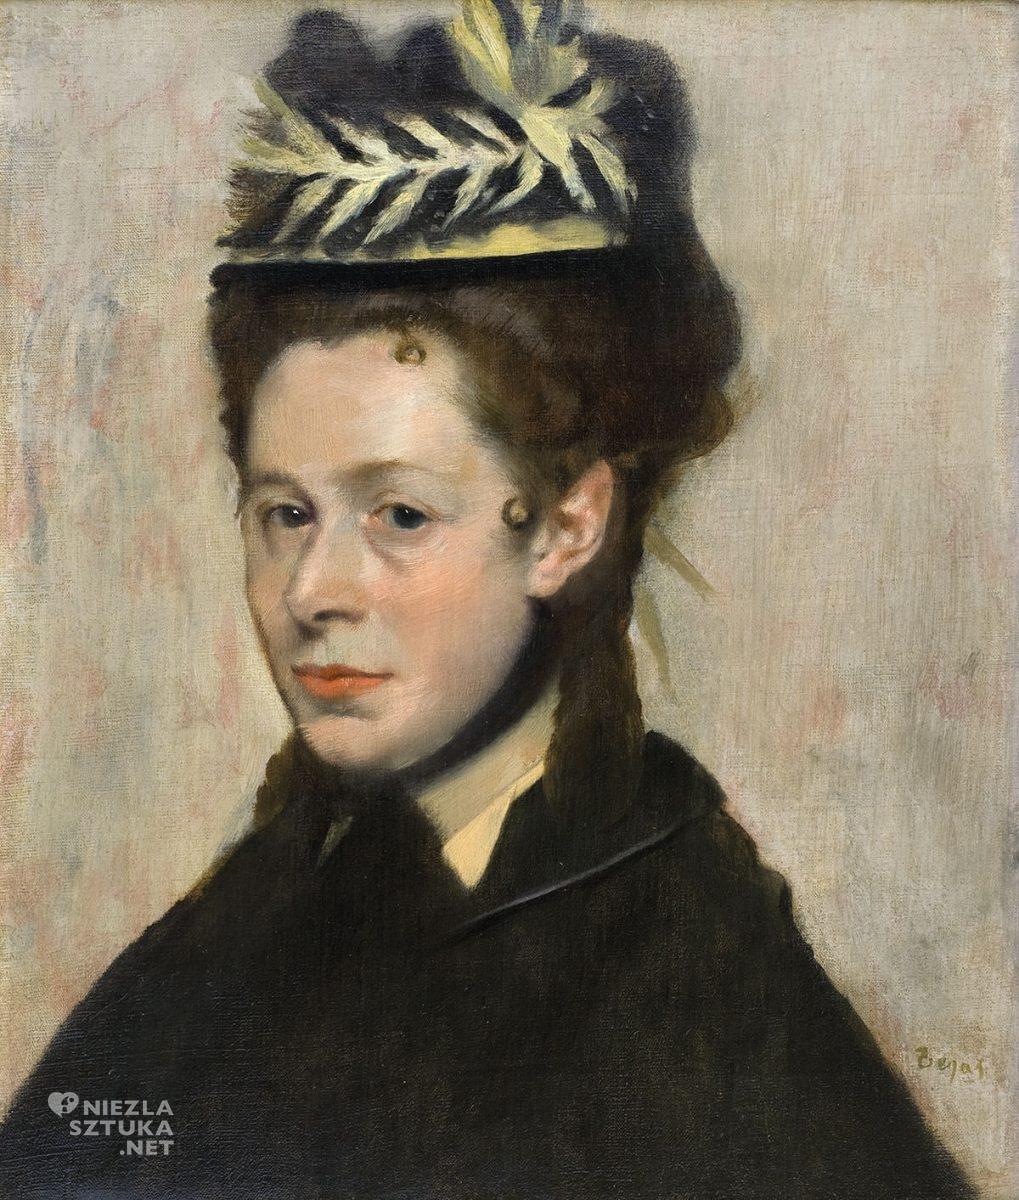 Edgar Degas, Głowa kobiety, impresjonizm, Niezła Sztuka